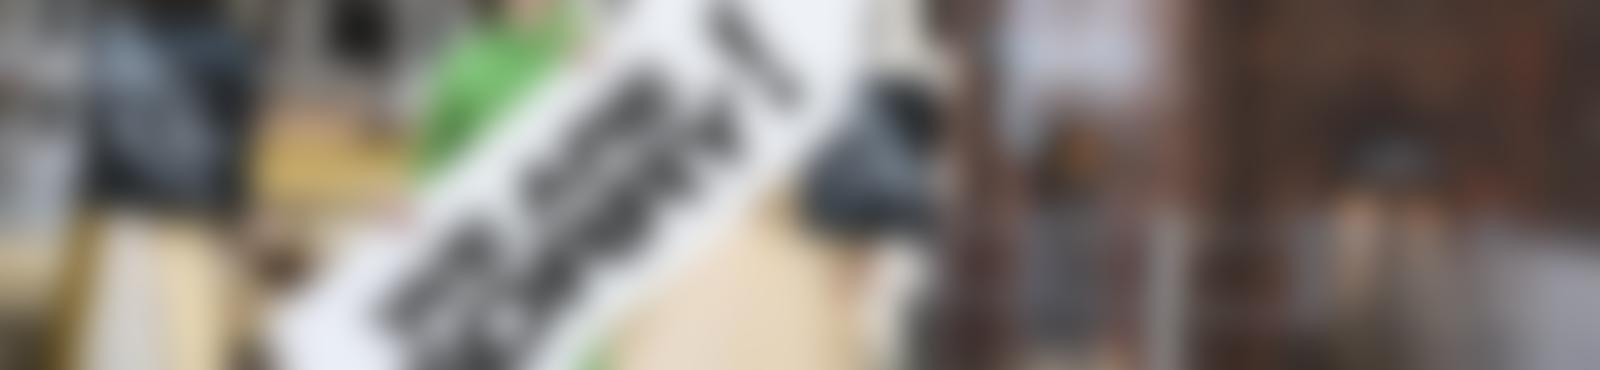 Blurred 918a464d 8ef2 4047 a5bf 9e77ac83a348